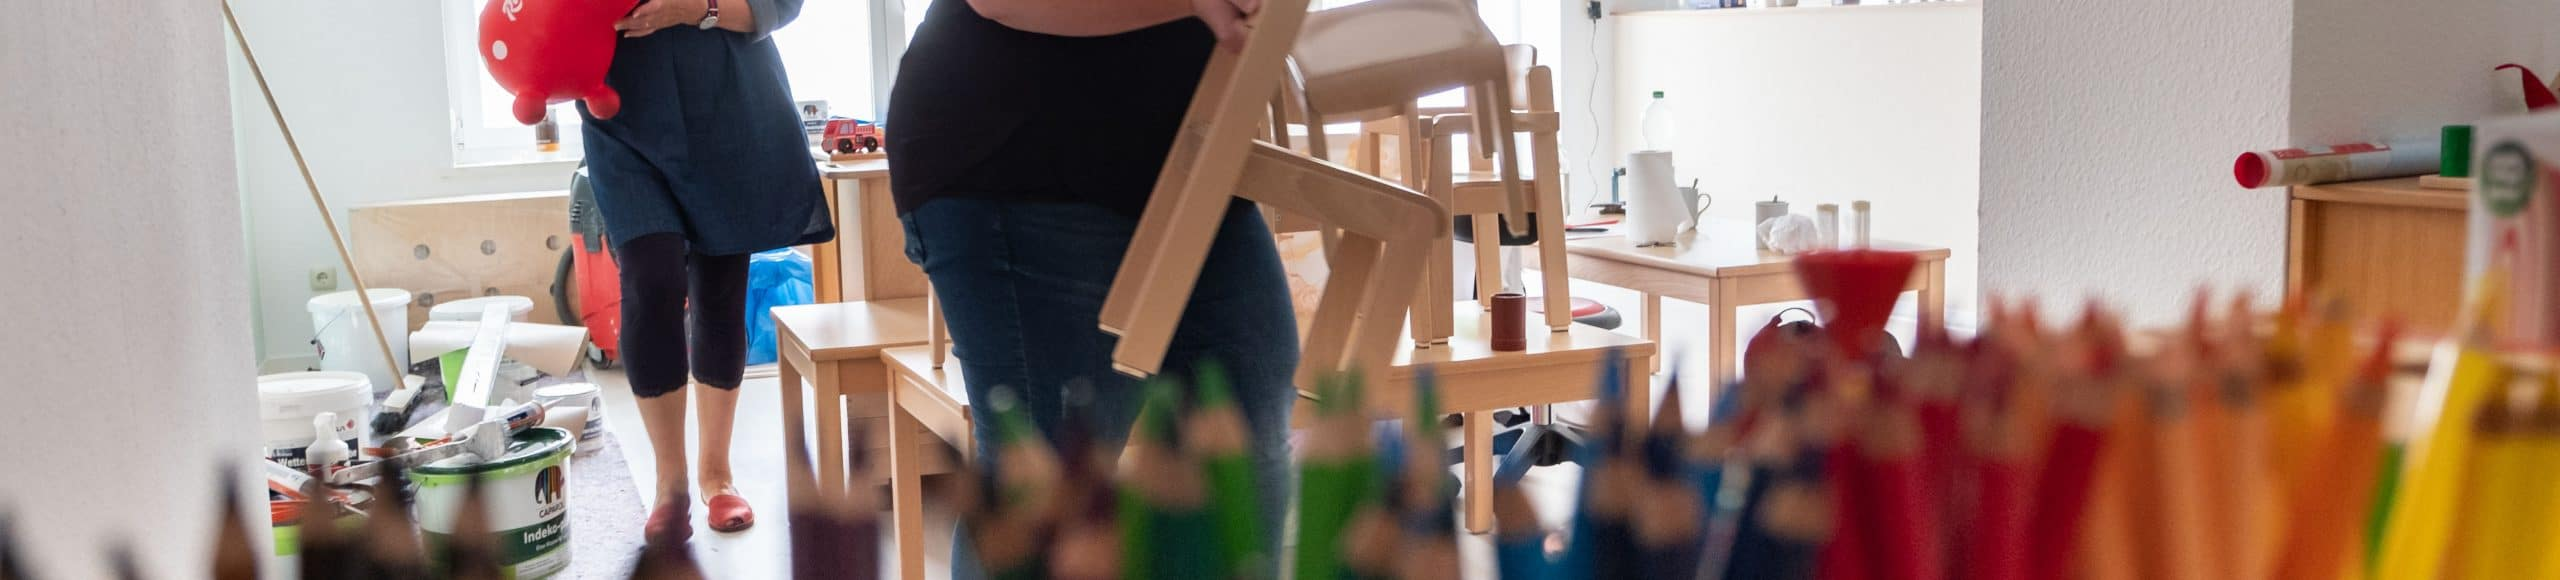 Kind Kita Kindergarten Erzieher Erzieherin frühkindliche Bildung Bildung